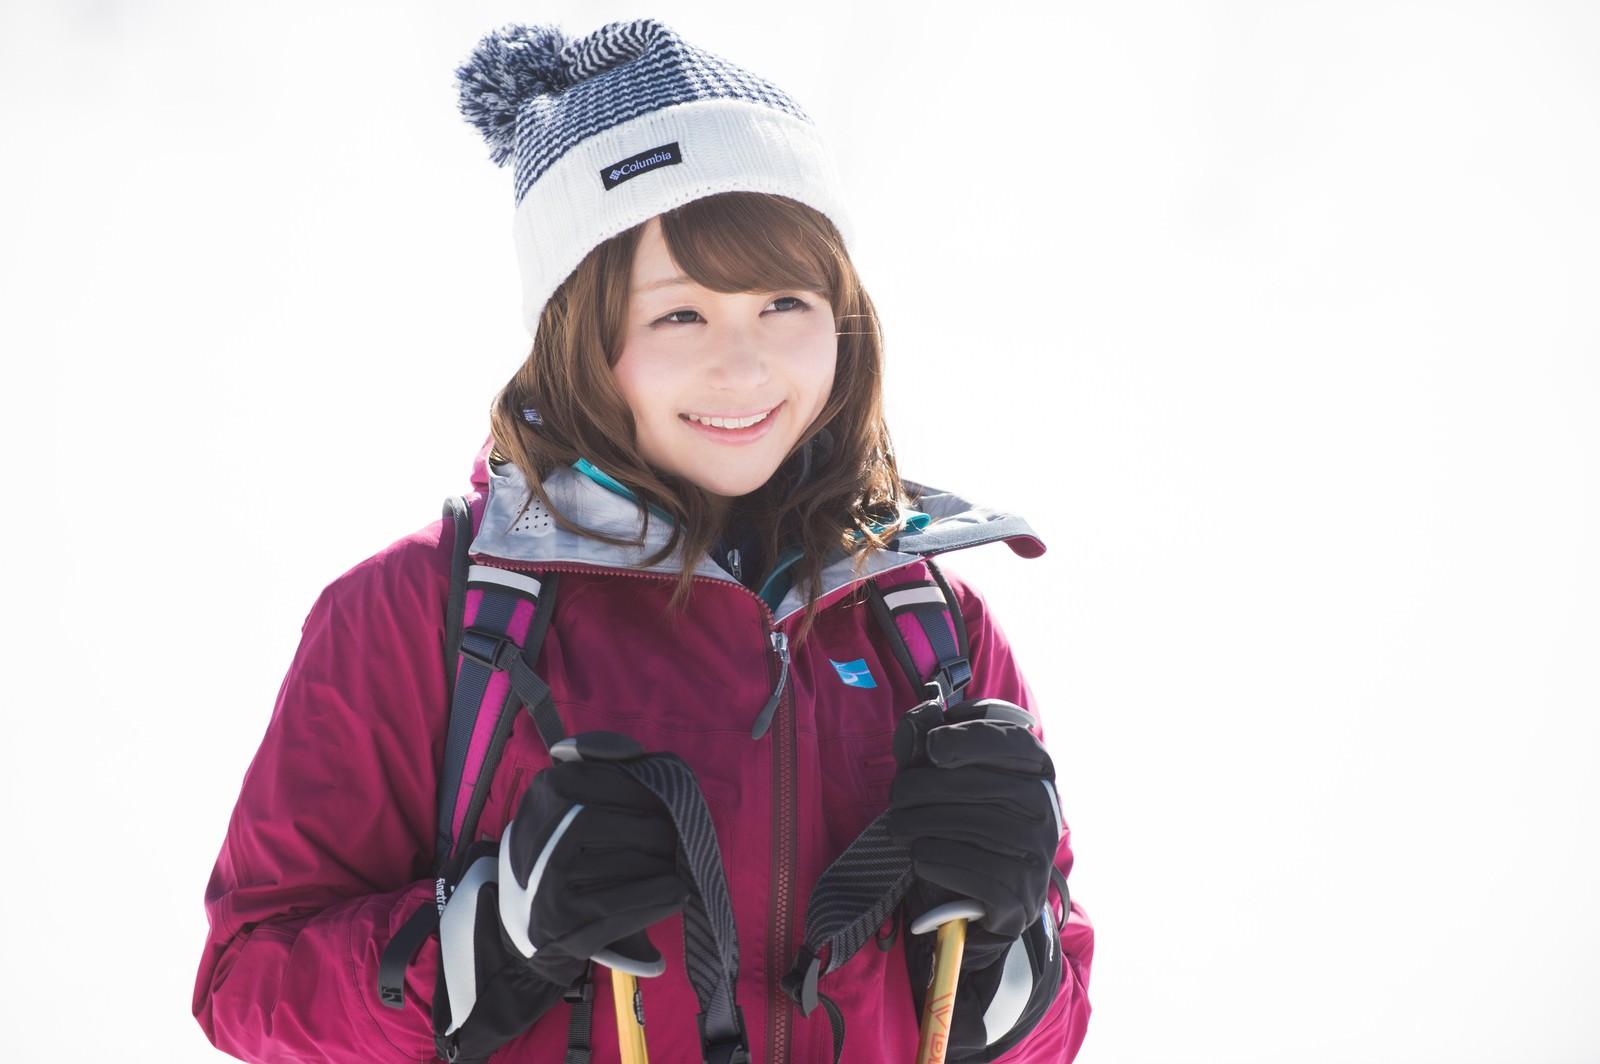 「雪景色に思わずニッコリ!冬の登山初体験の女性雪景色に思わずニッコリ!冬の登山初体験の女性」[モデル:茜さや]のフリー写真素材を拡大